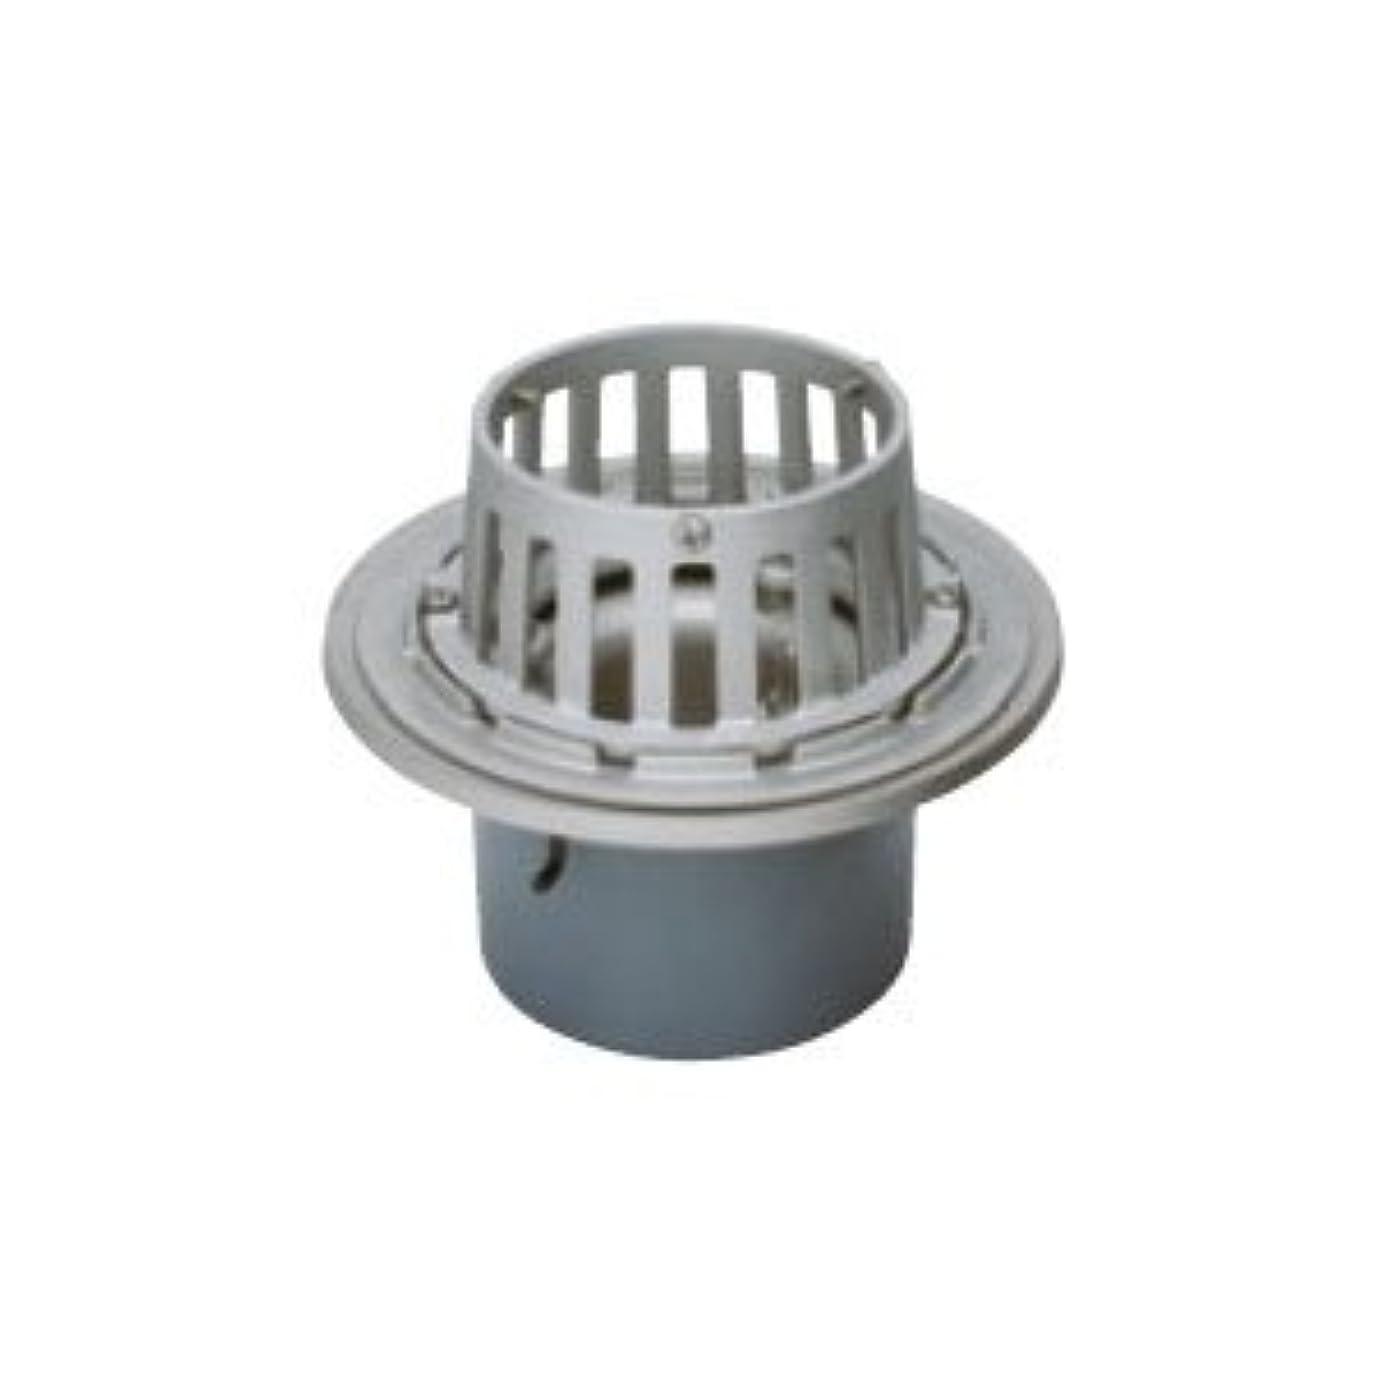 協同推定する大胆なカネソウ ステンレス鋳鋼製ルーフドレイン たて引き用 打込型 バルコニー中継(呼称50) ESSB-1-50